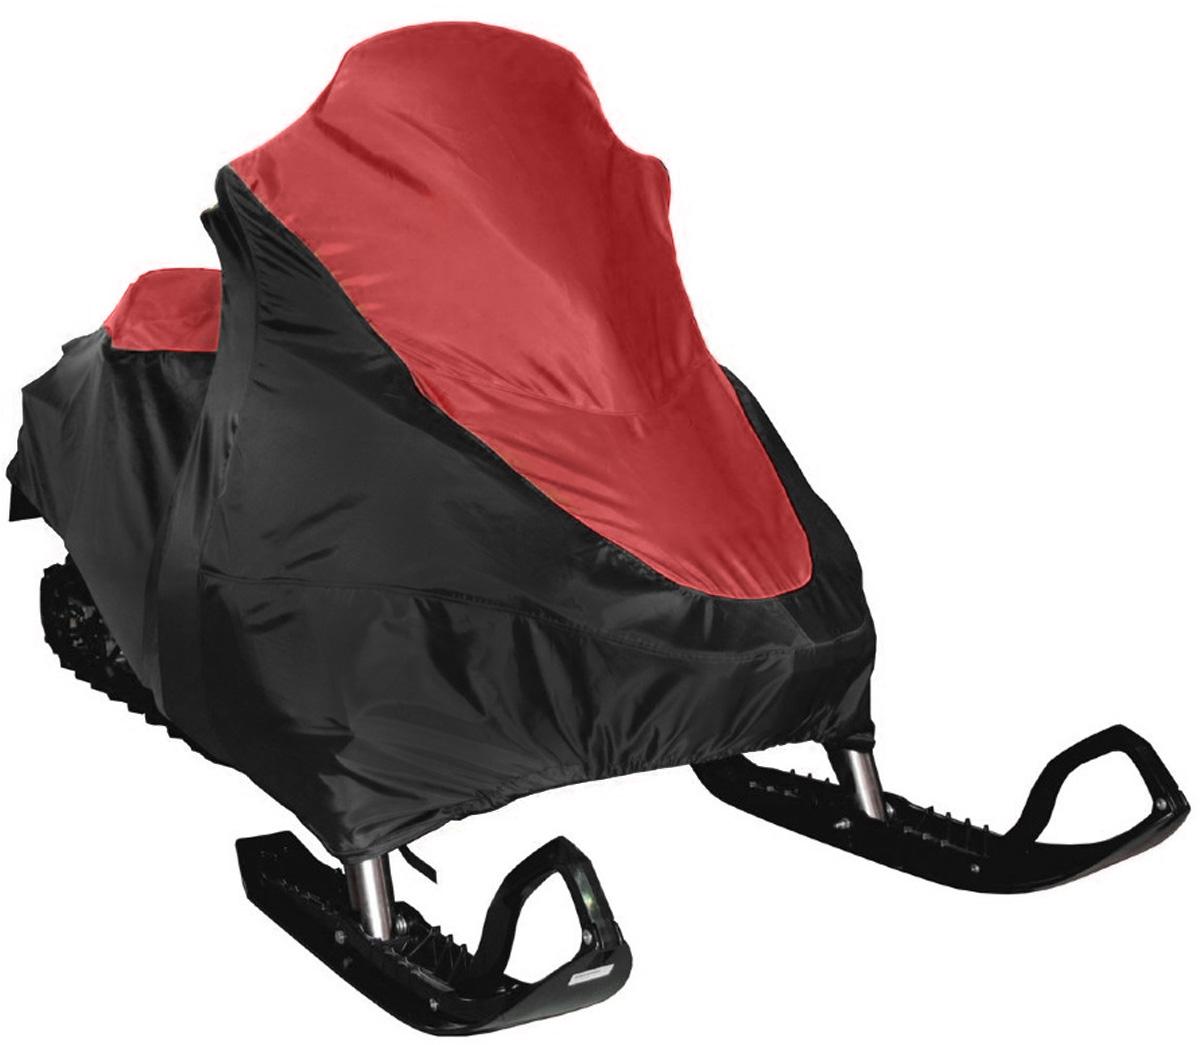 Чехол транспортировочный AG-brand, для снегохода Ski-Doo SKANDIC SWT 600, цвет: черный, красный